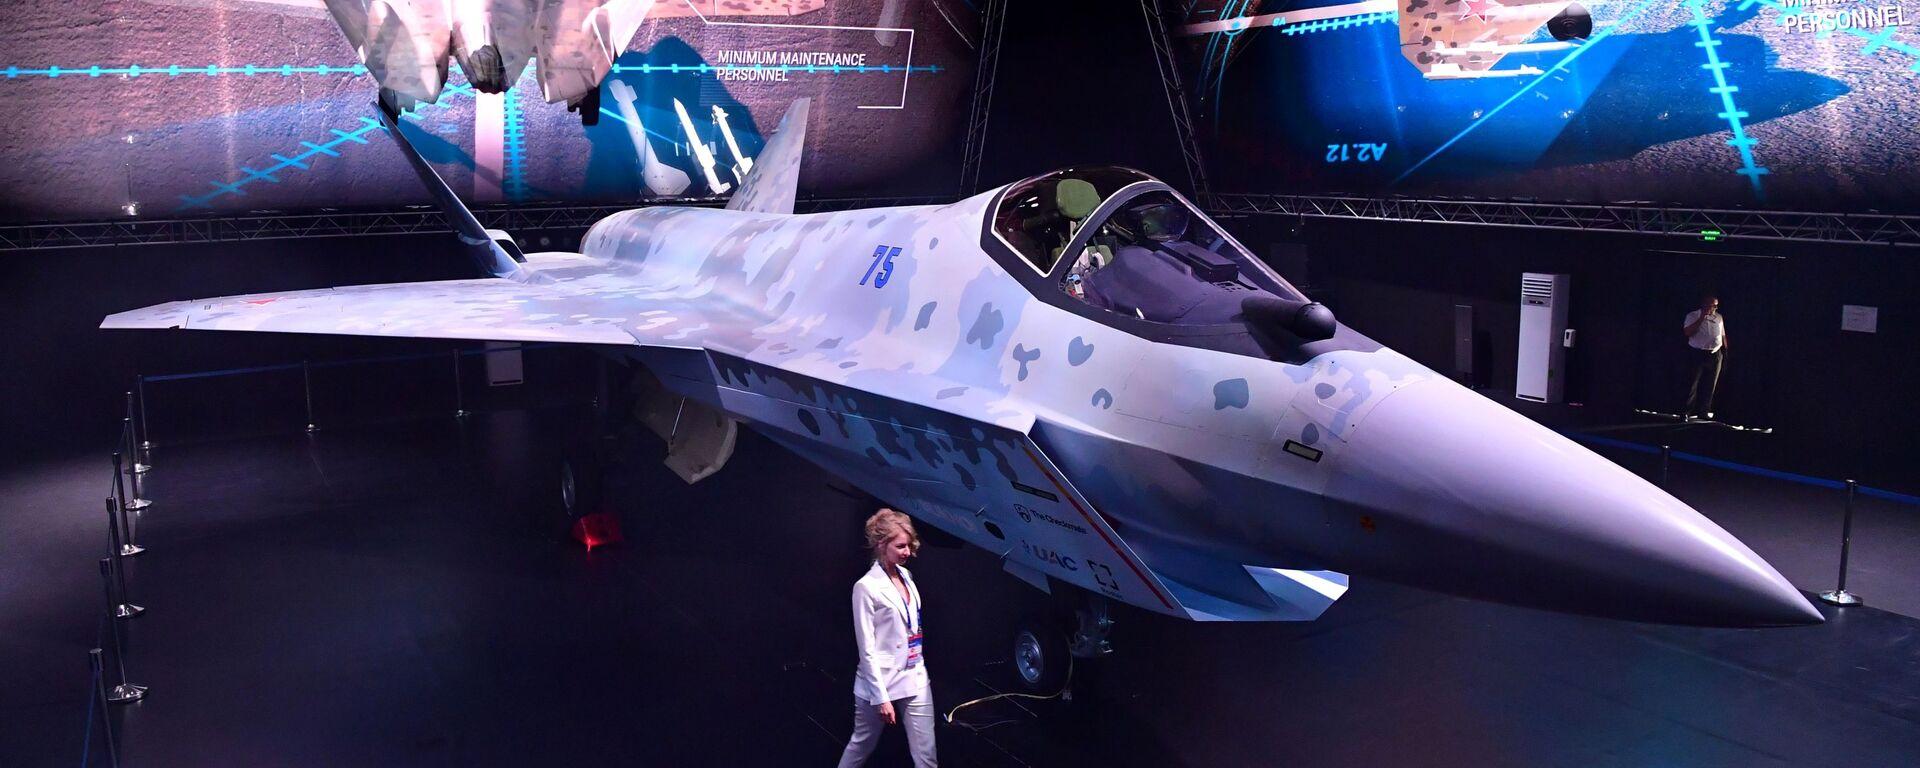 Презентация нового военного самолета Checkmate на МАКС-2021 - Sputnik Ўзбекистон, 1920, 21.07.2021